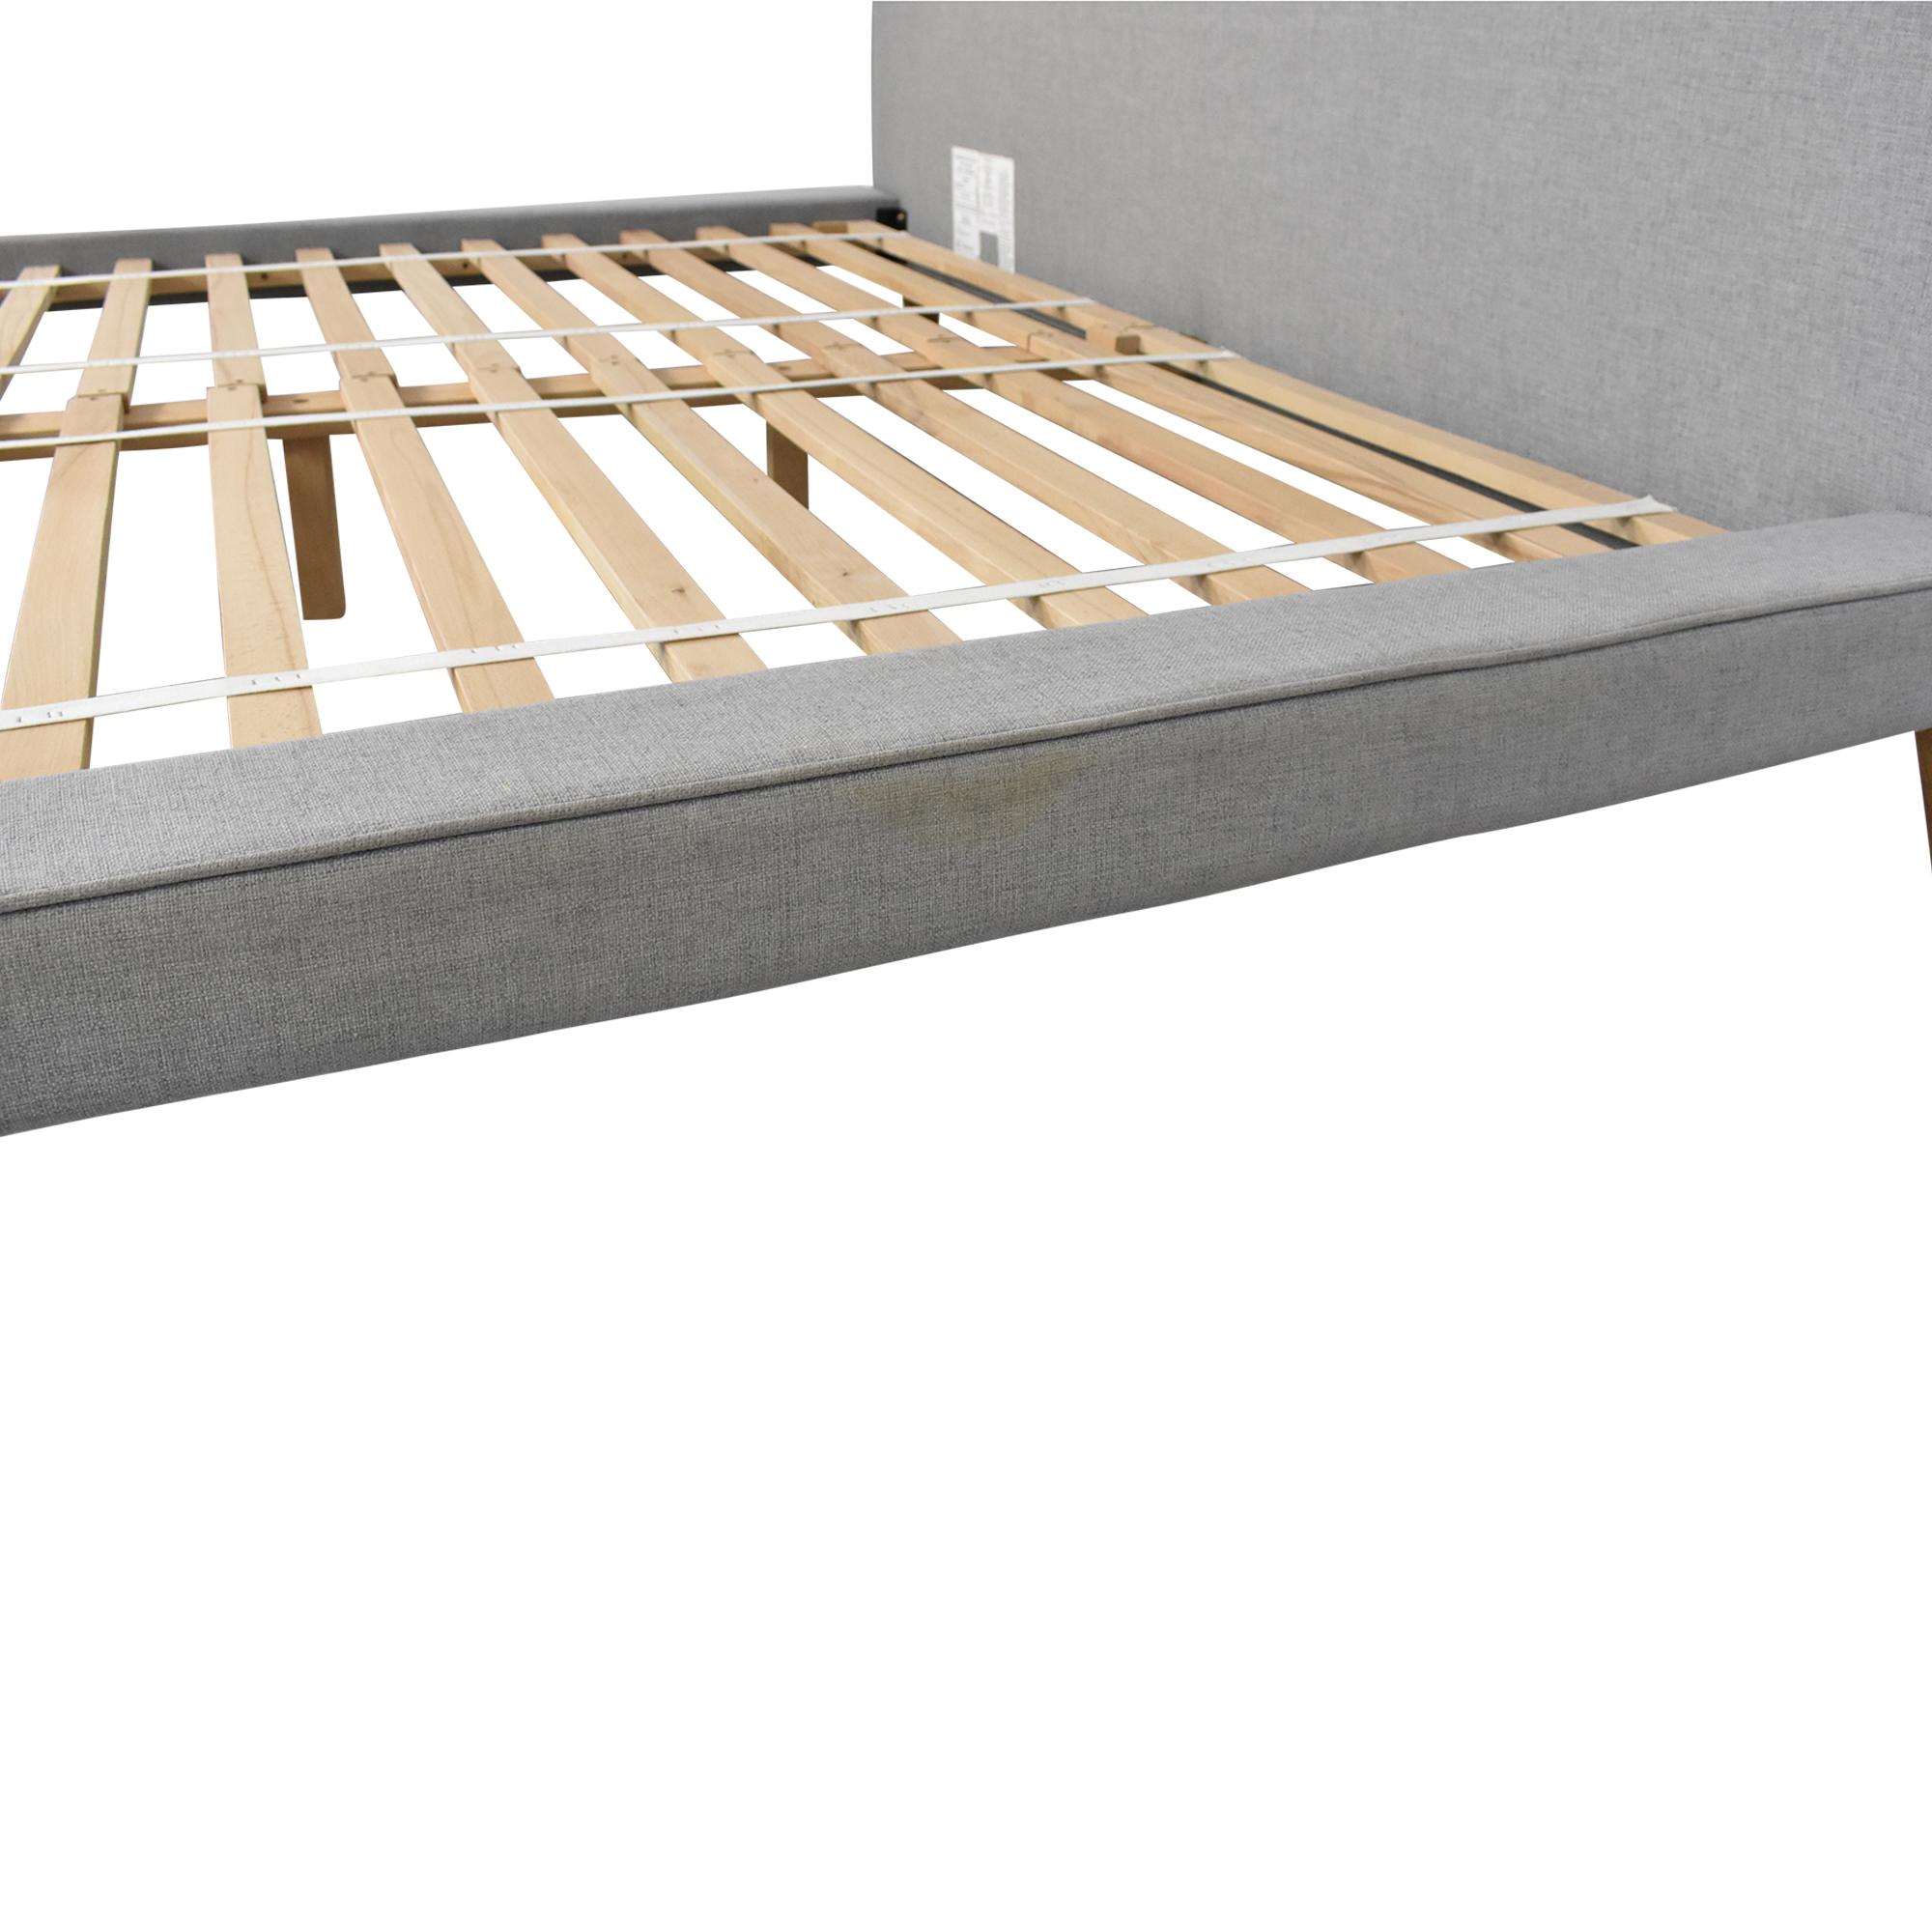 West Elm West Elm Mod Upholstered King Bed ct